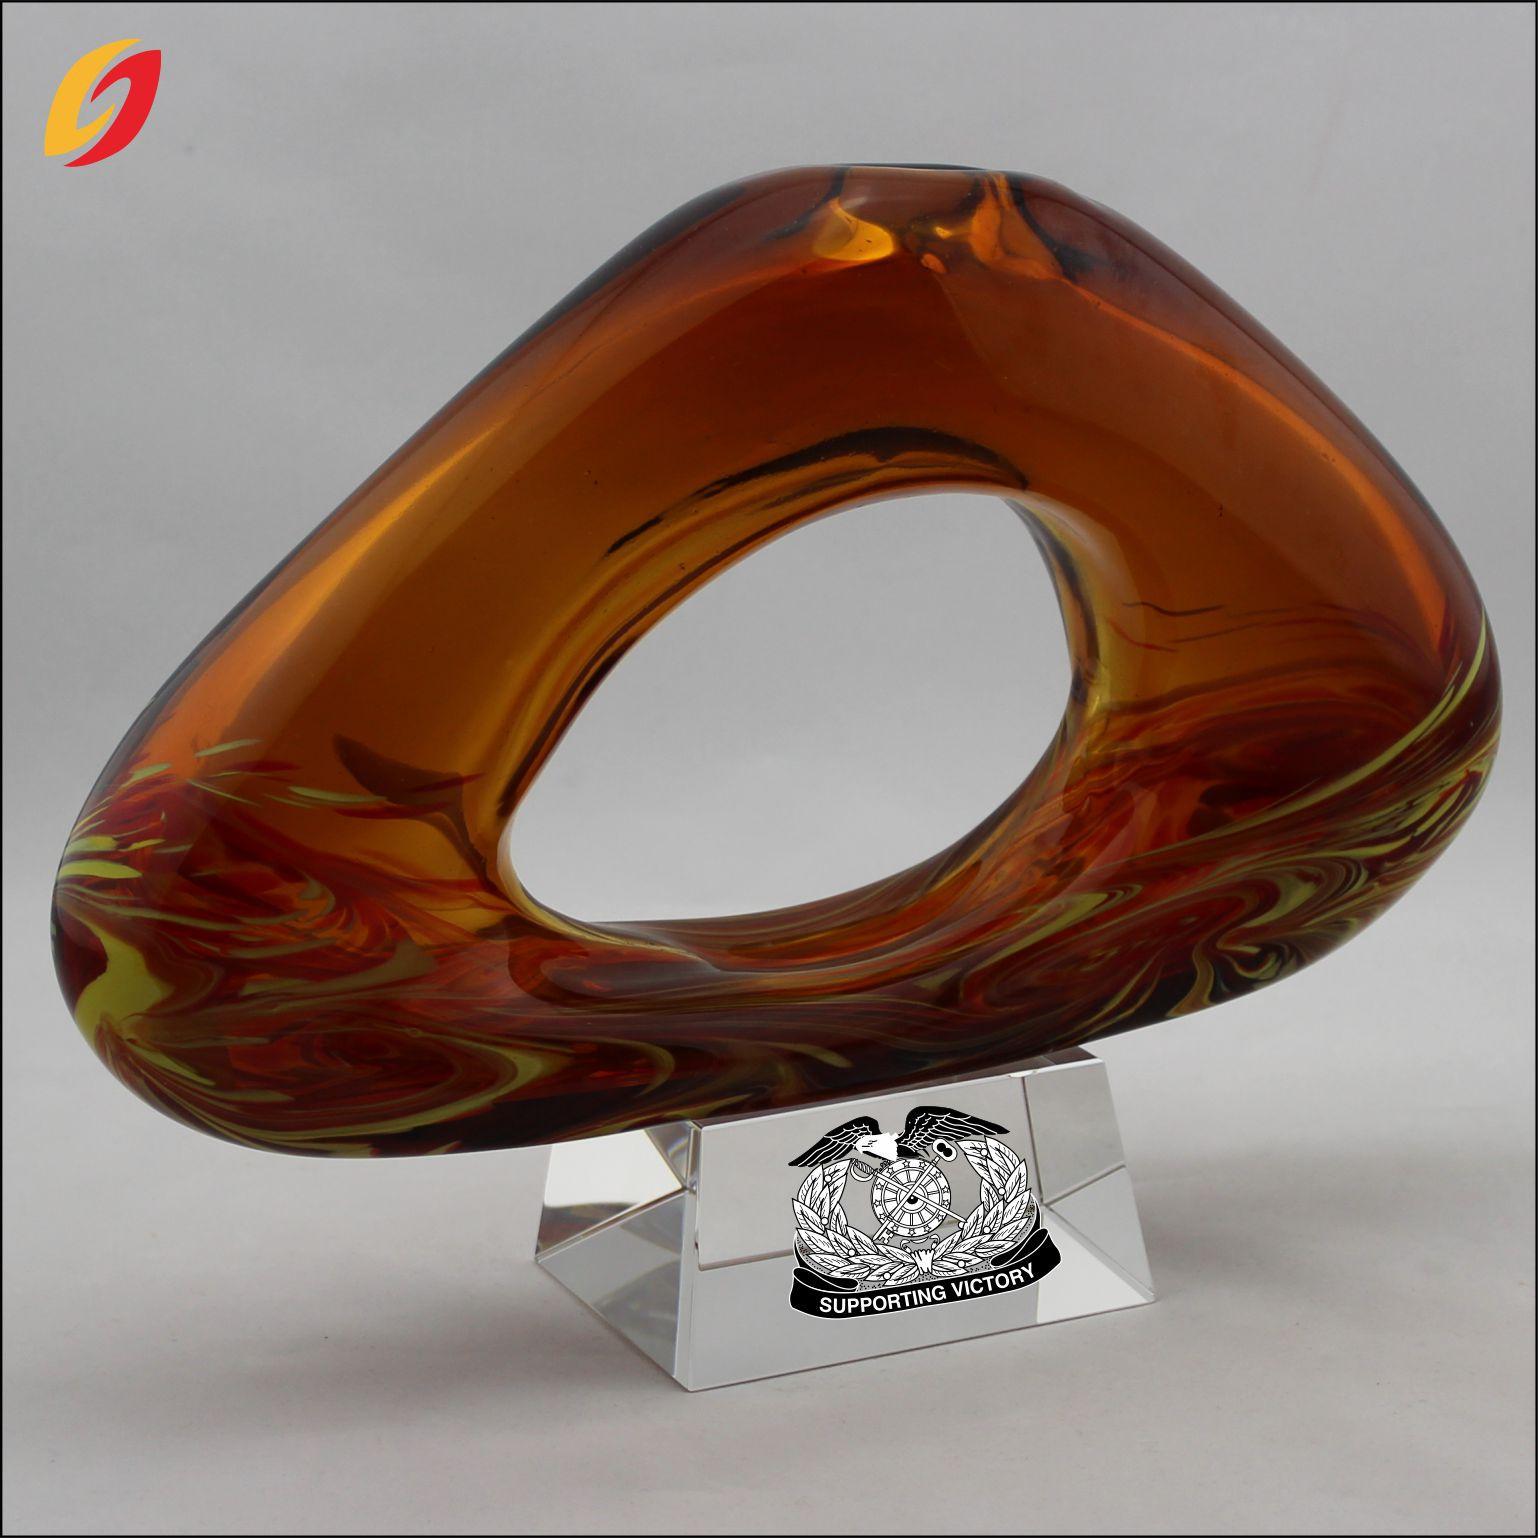 艺术品摆件 玻璃奖杯 琉璃奖杯 公司奖杯 水晶装饰品 家居摆件